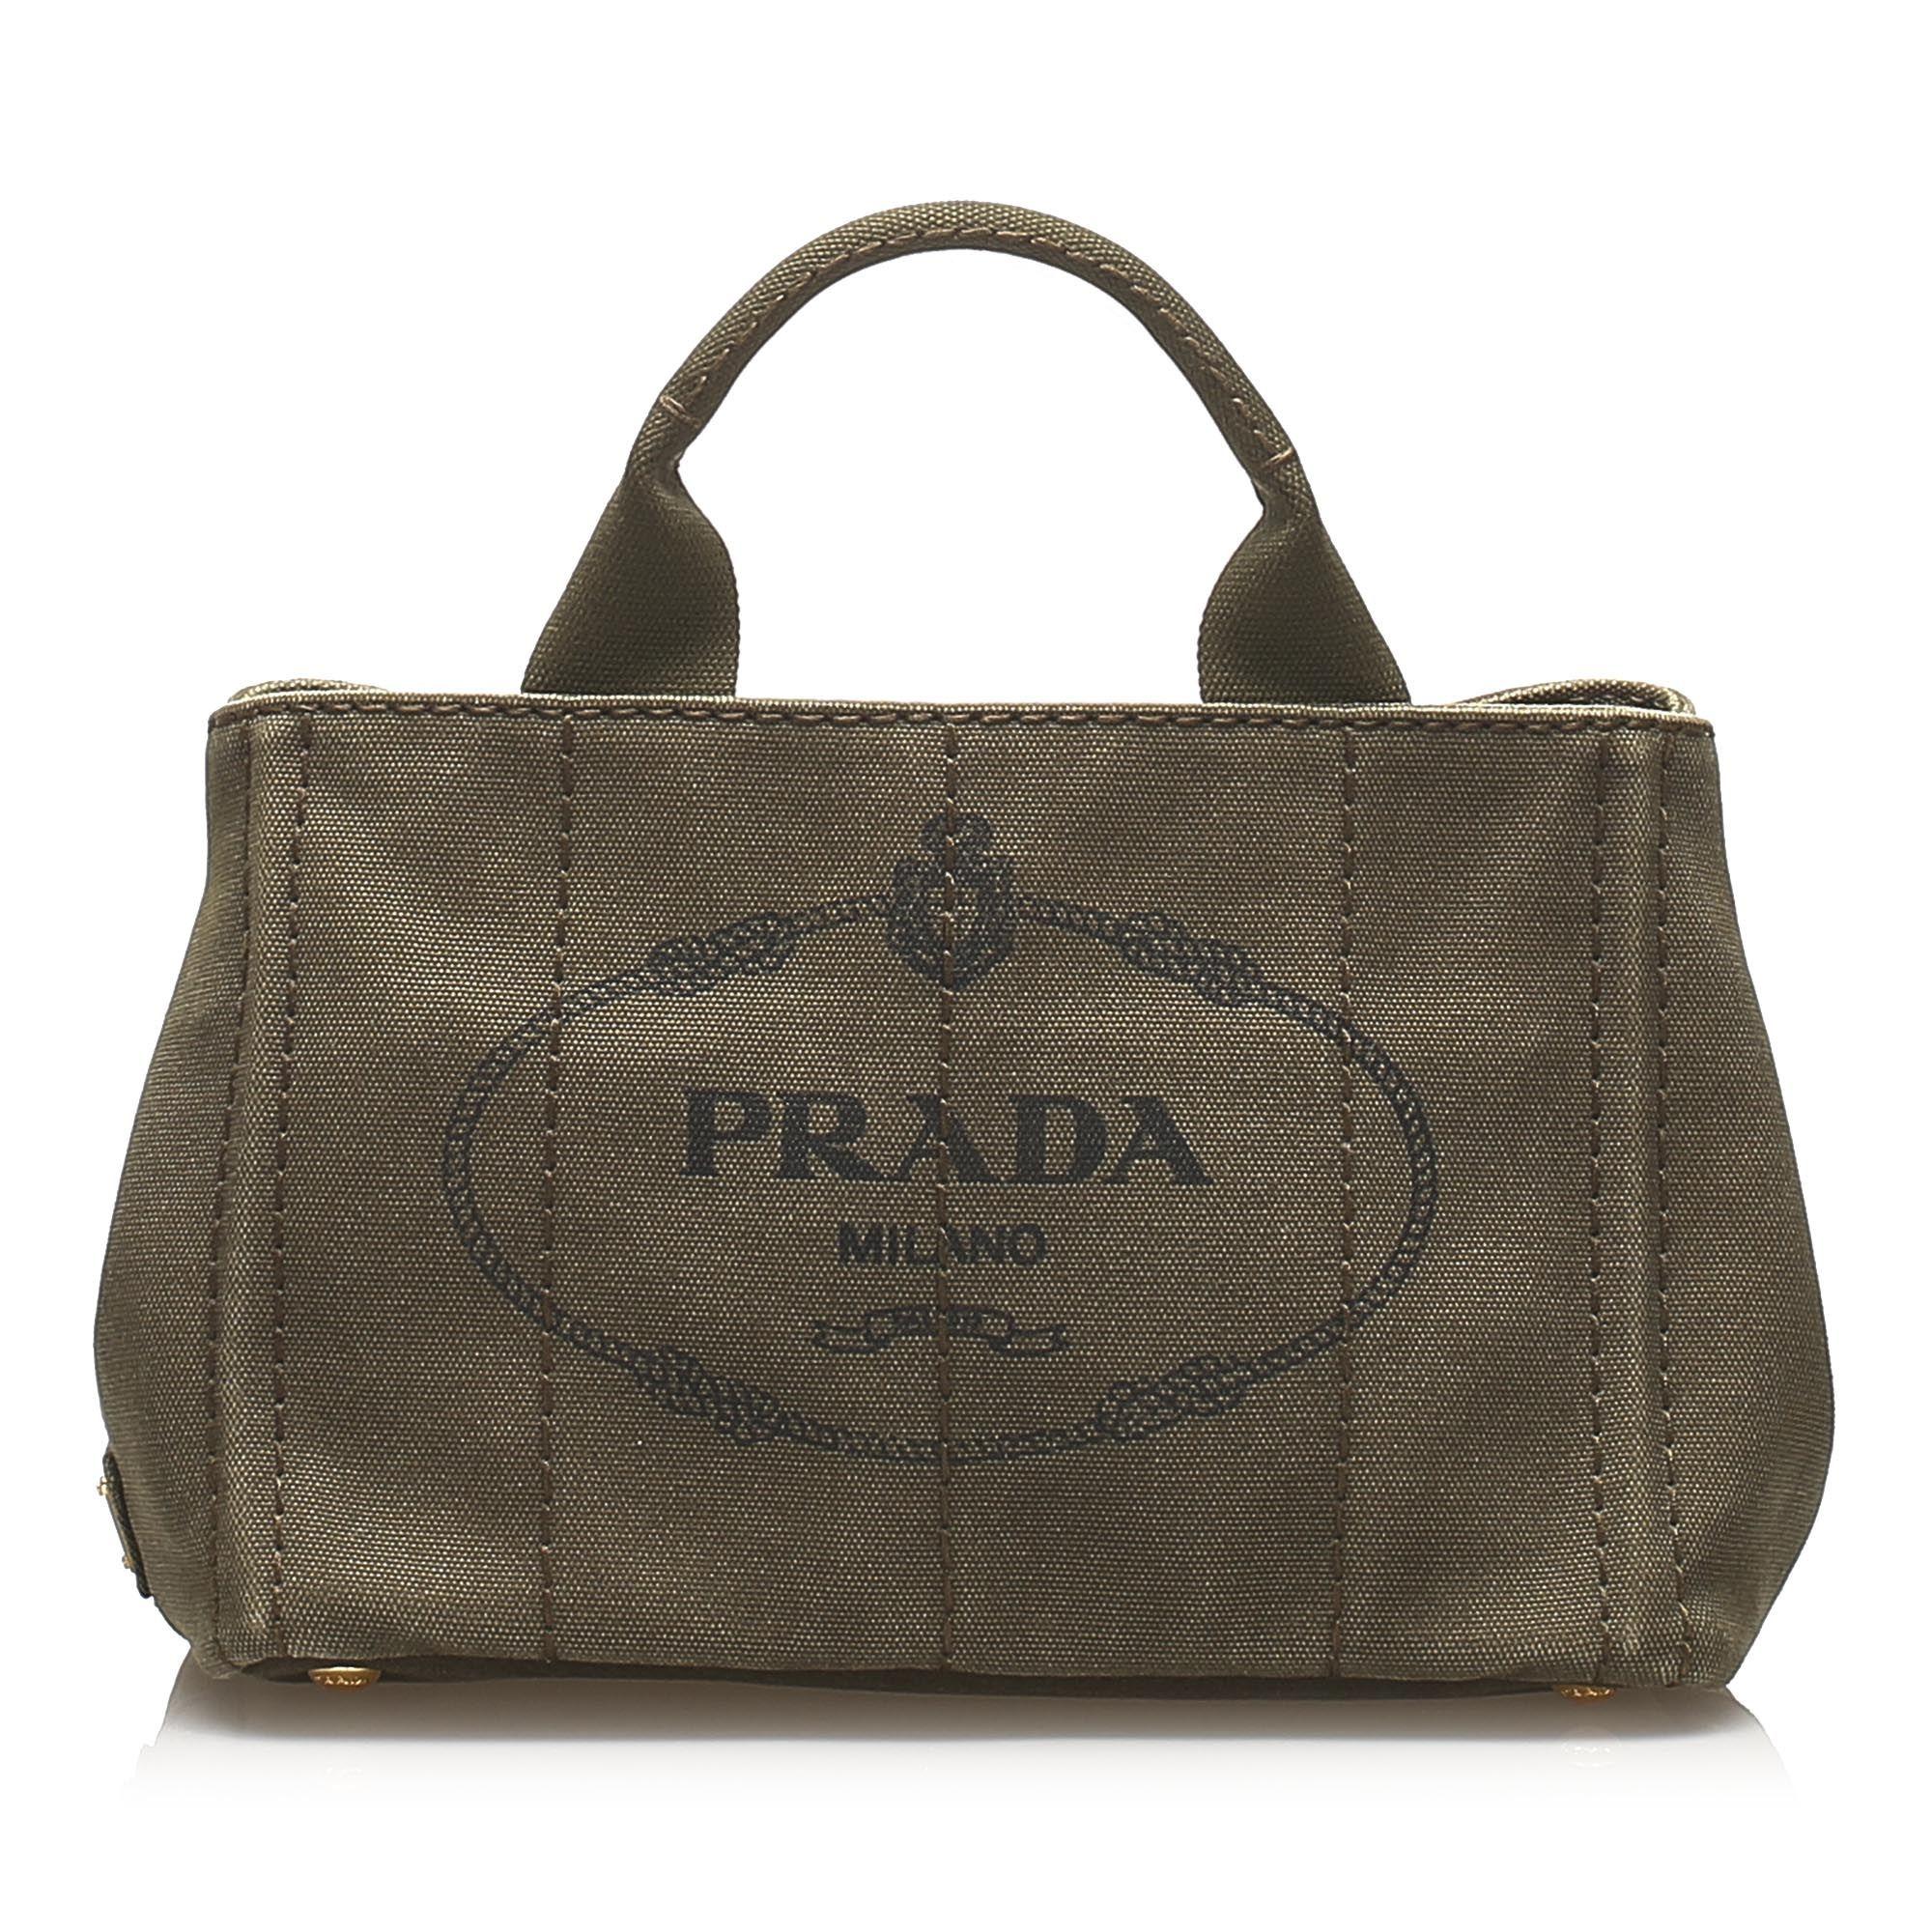 Vintage Prada Canapa Canvas Satchel Green